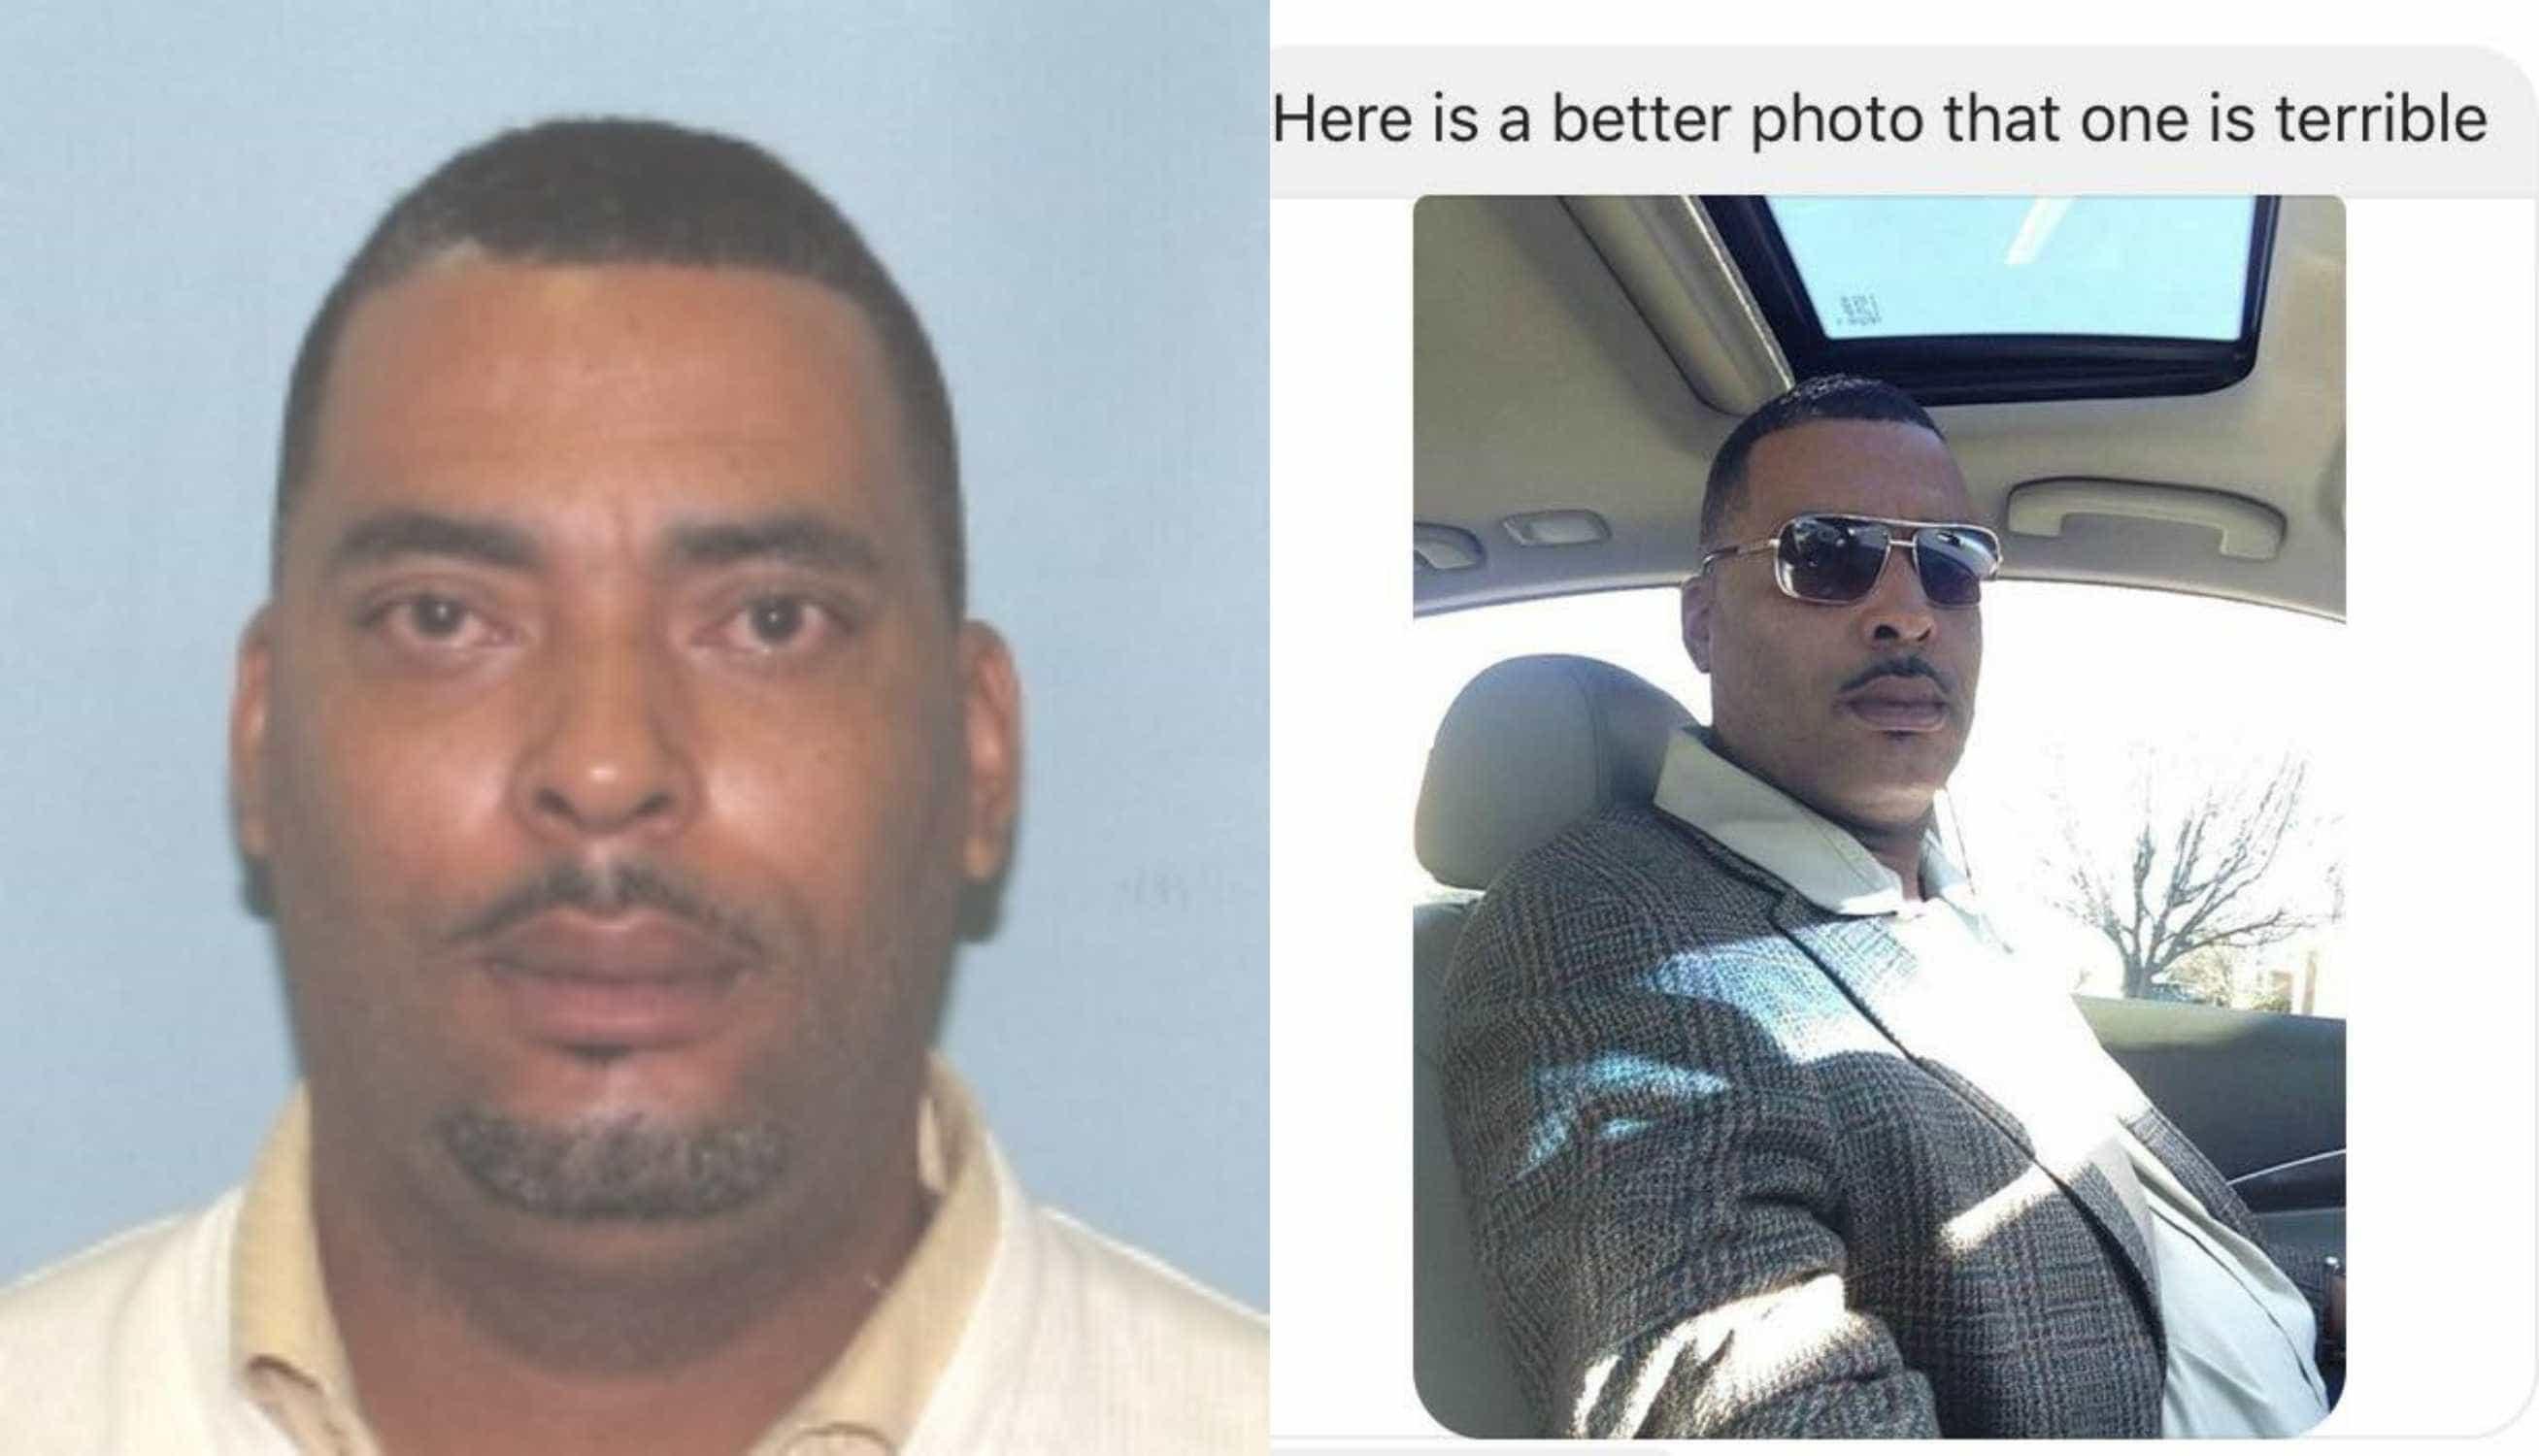 Fugitivo envia selfie à polícia — Insólito